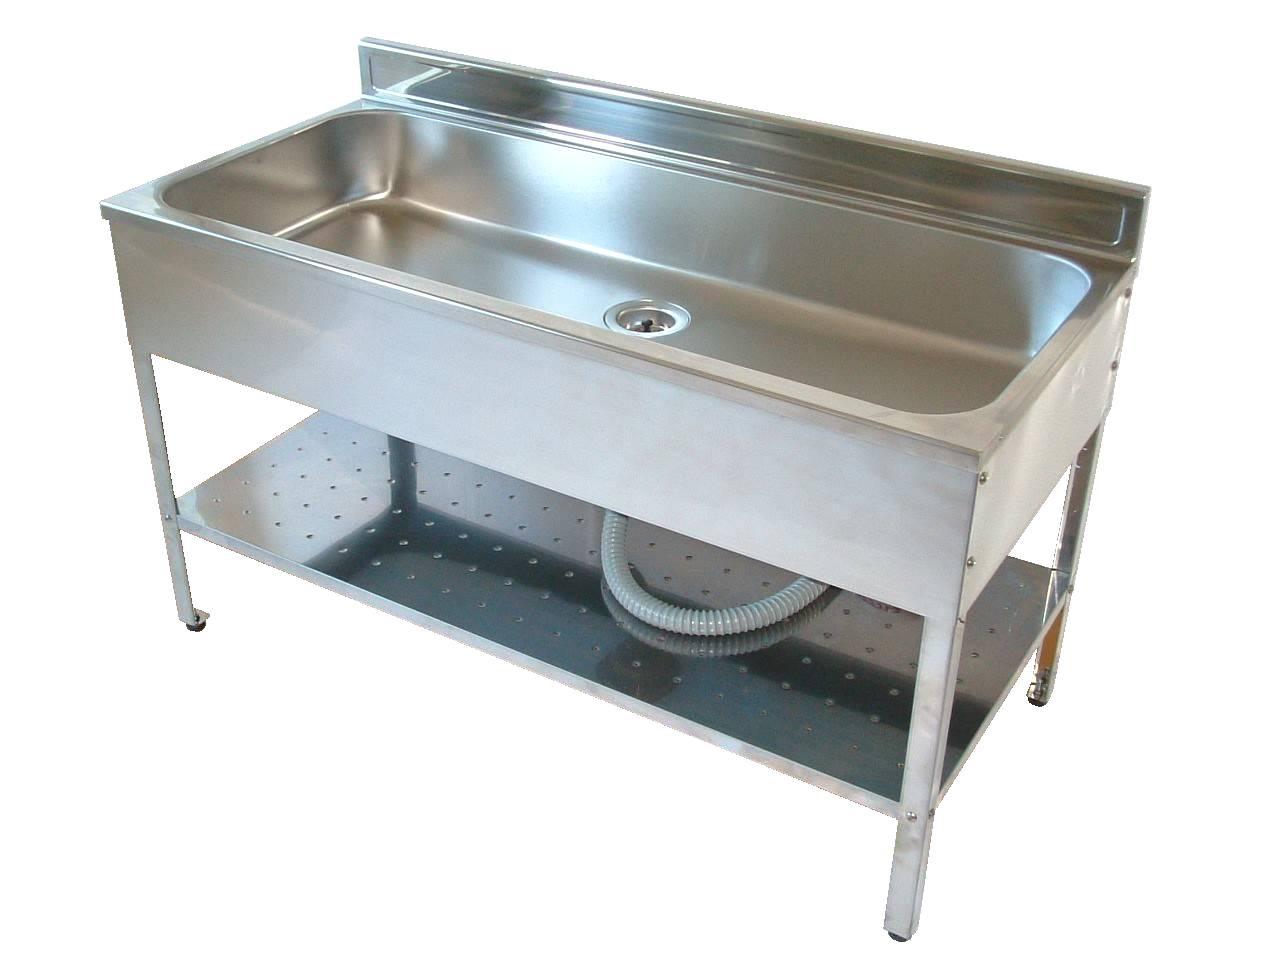 アウトドアキッチンのステンレスの外流し台の120センチ幅